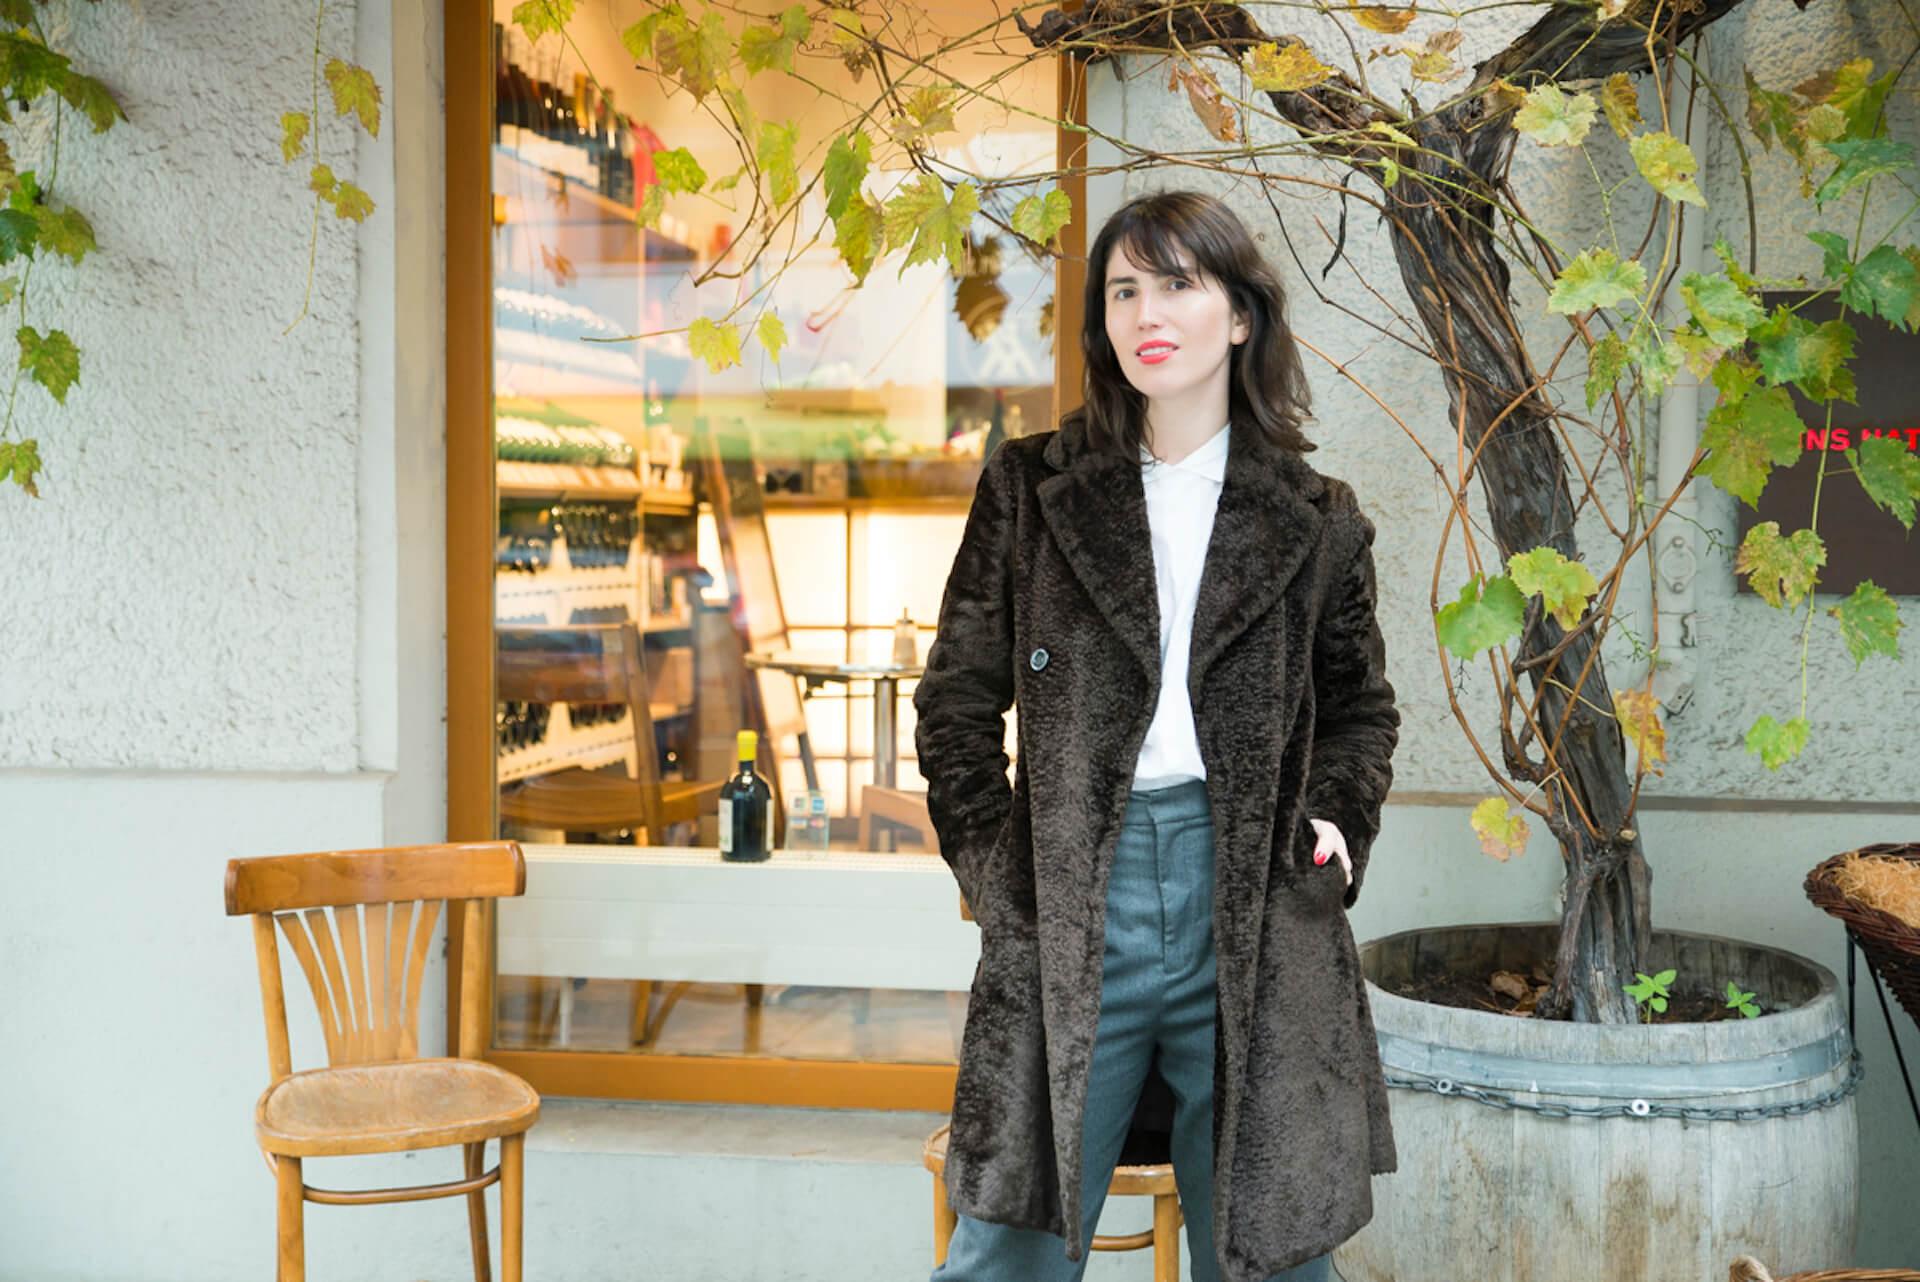 世界の片隅で活躍する女性クリエイターたち【ポーランド・ワルシャワ/オーガナイザー編】 column-kanamiyazawa-julia-bosski-4